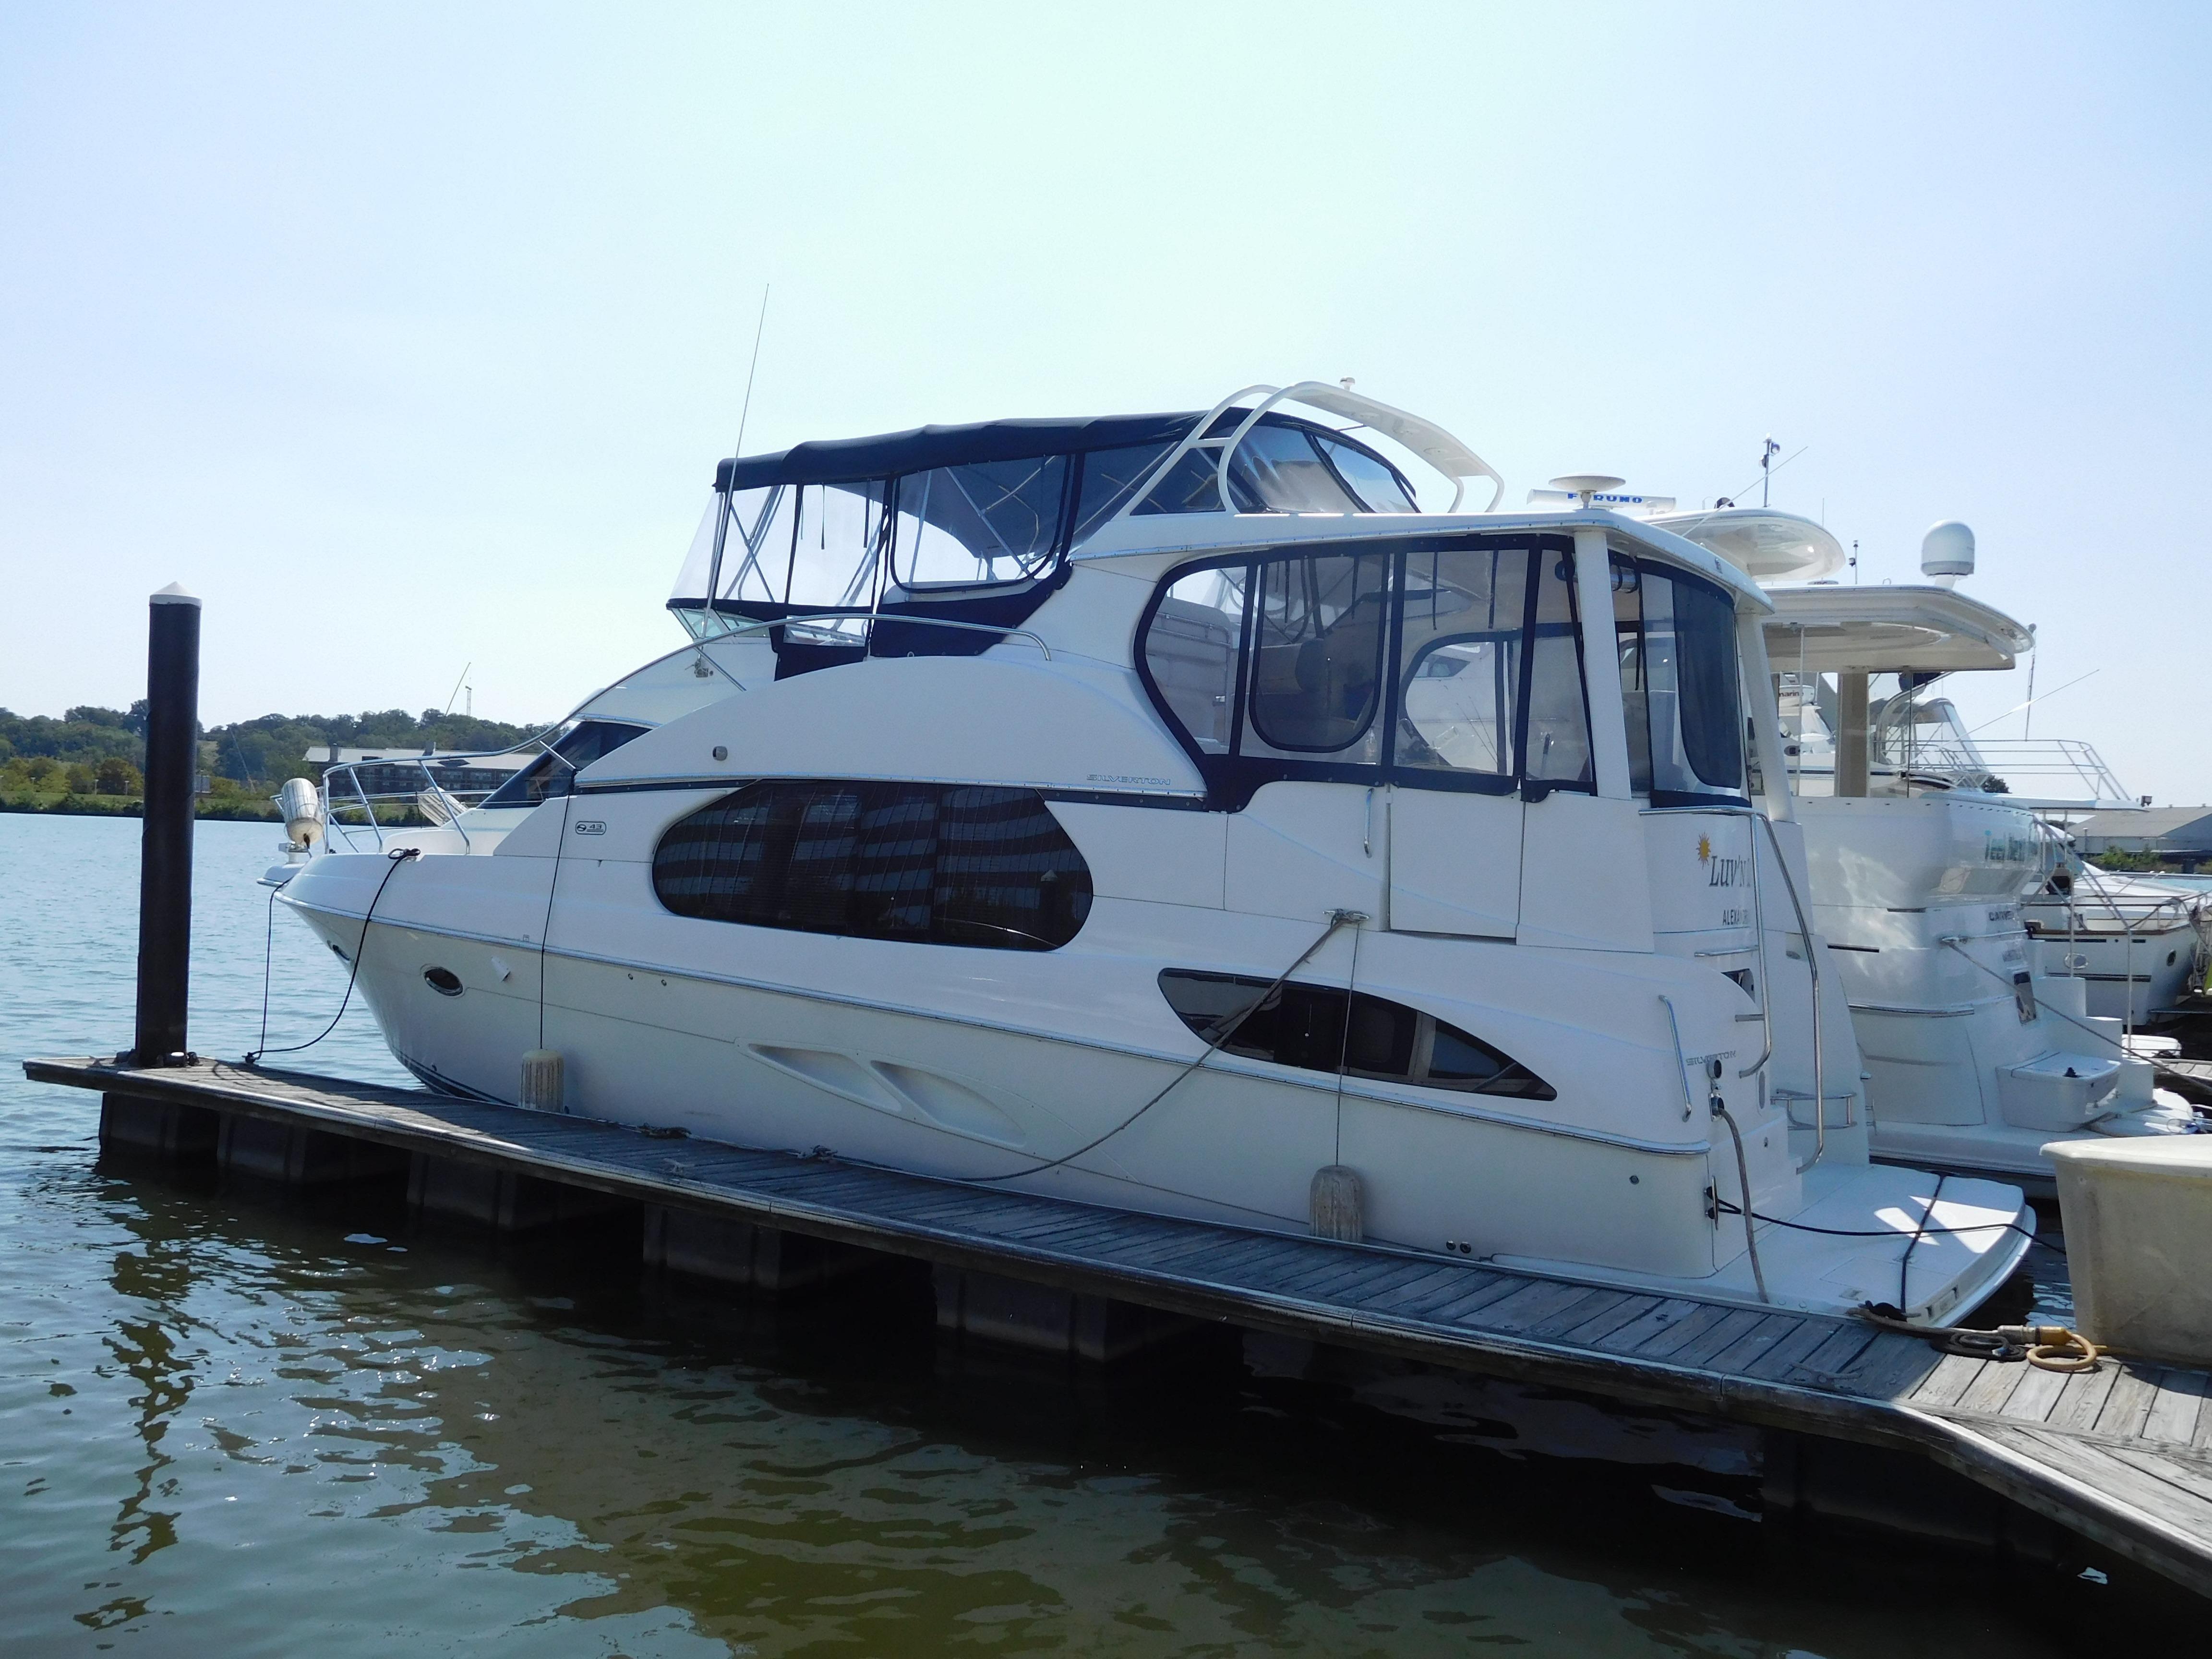 2006 Silverton 43 Motor Yacht Power Boat For Sale Www